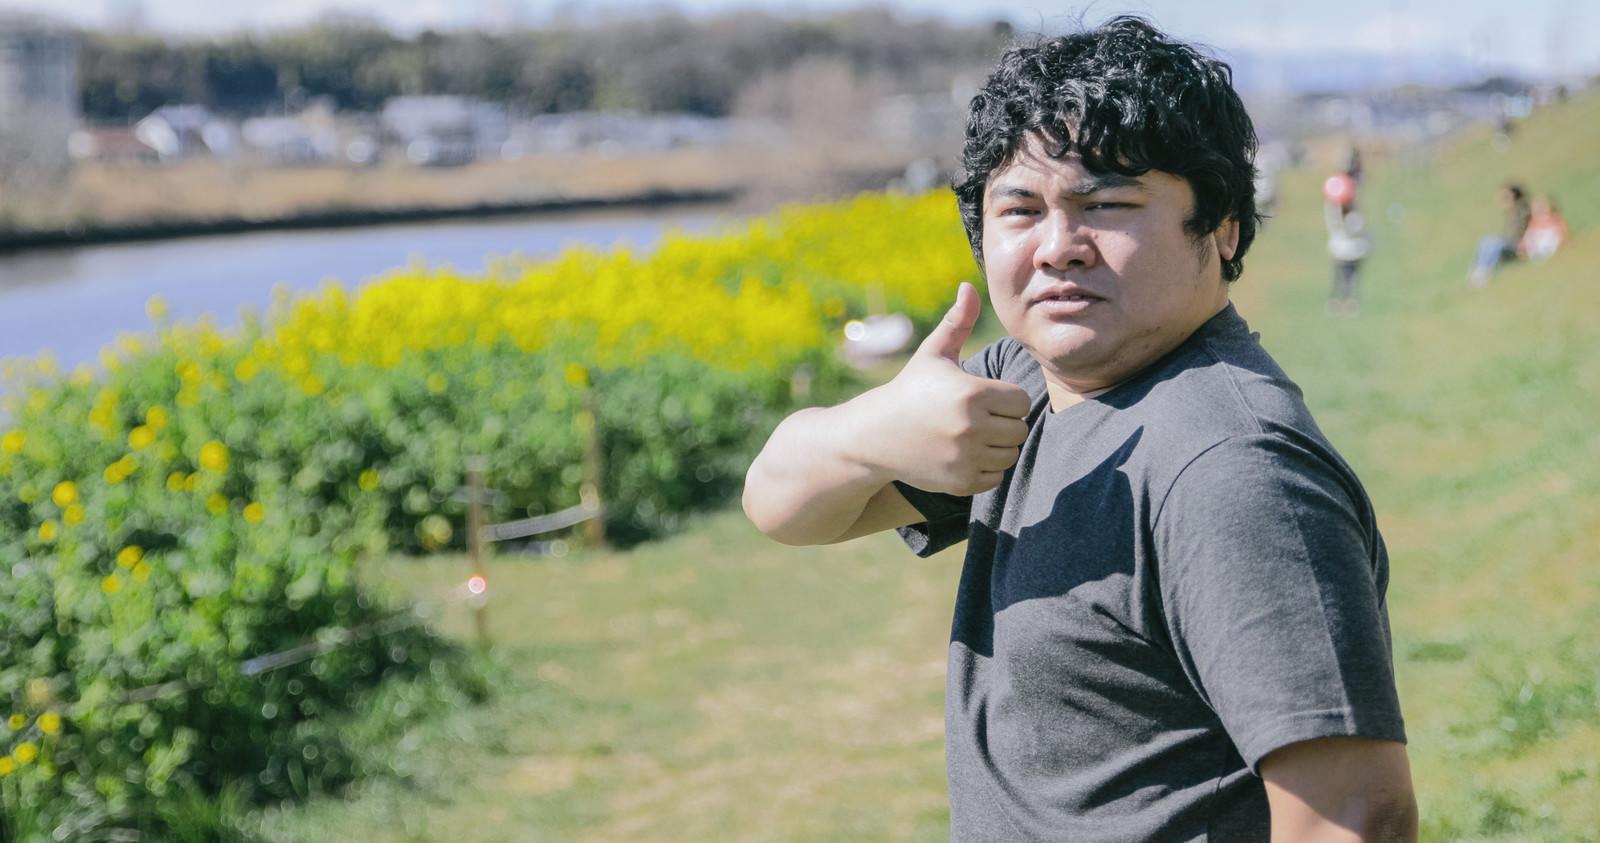 「菜の花畑でサムズアップ」の写真[モデル:段田隼人]